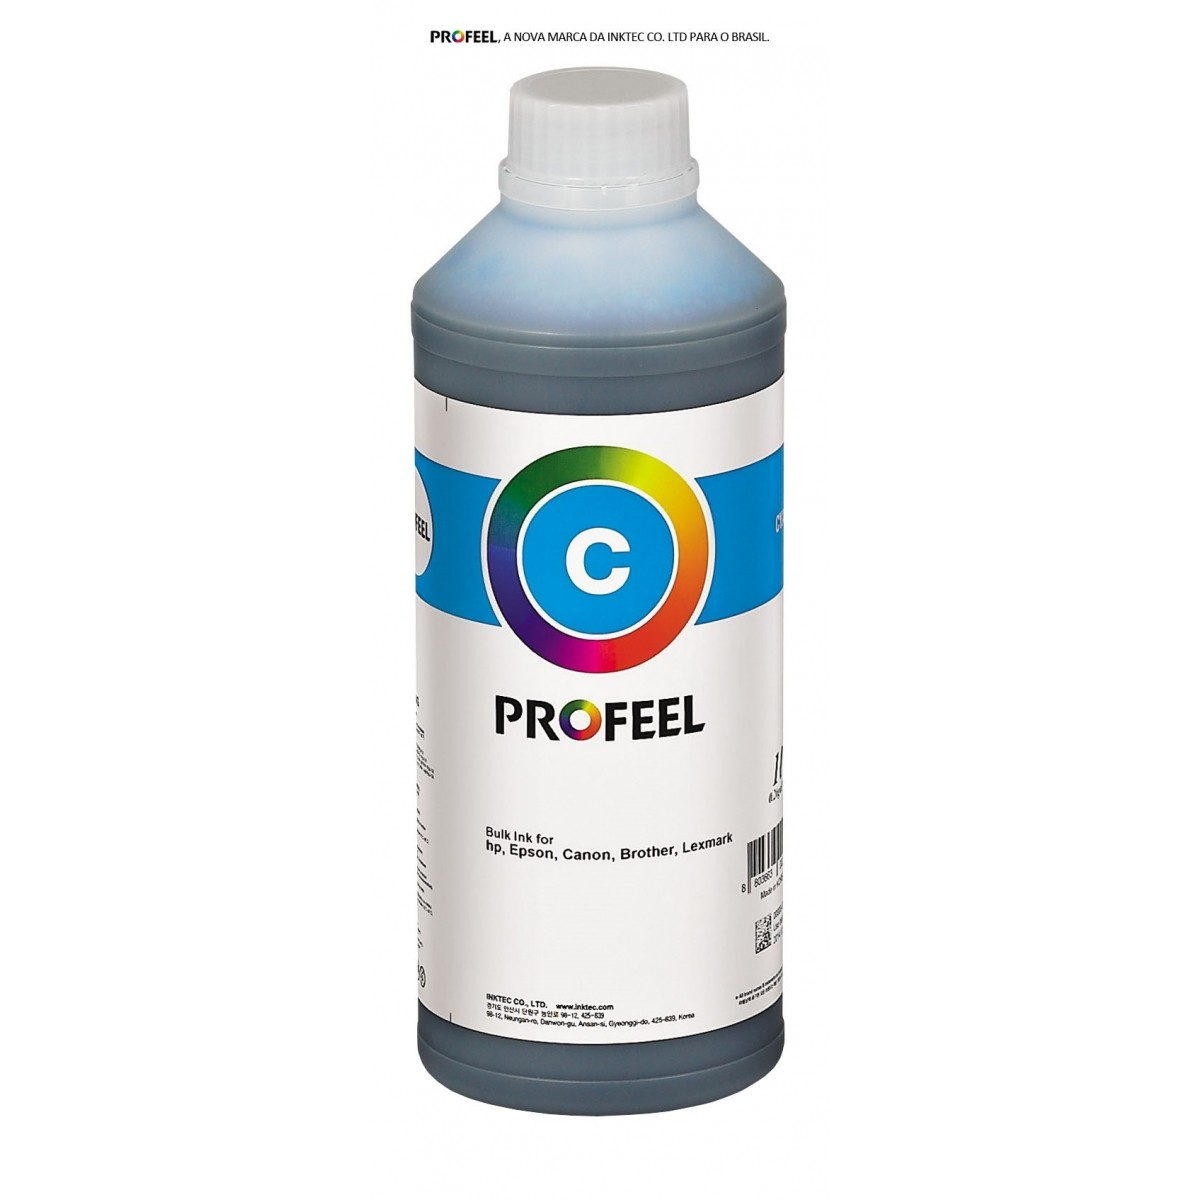 Tinta corante InkTec Profeel modelo H1061-01LC | Frasco de 1 litro | Cor : Ciano